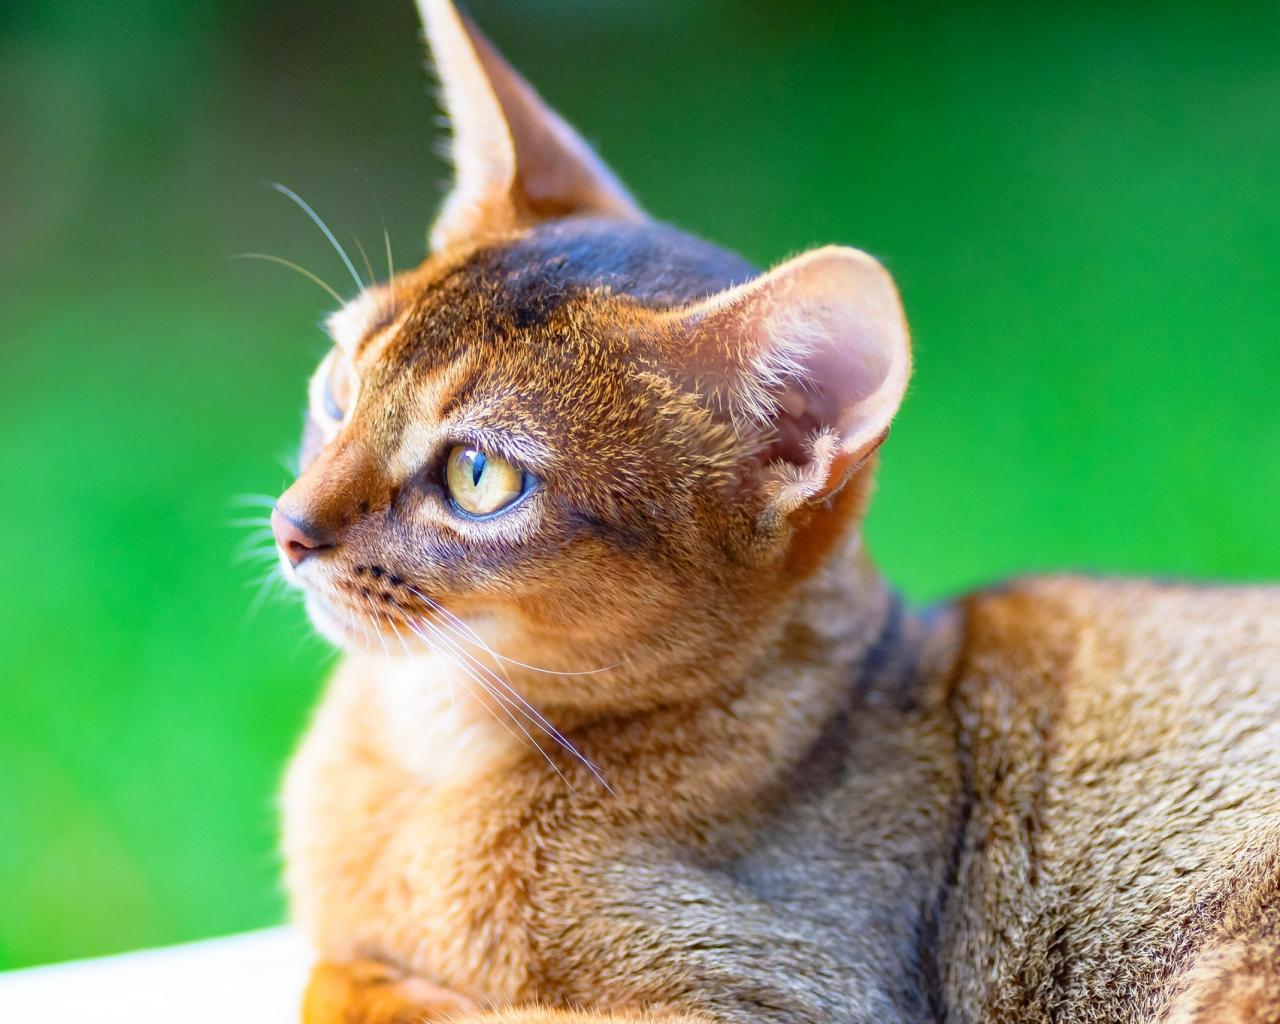 Un gato puma - 1280x1024